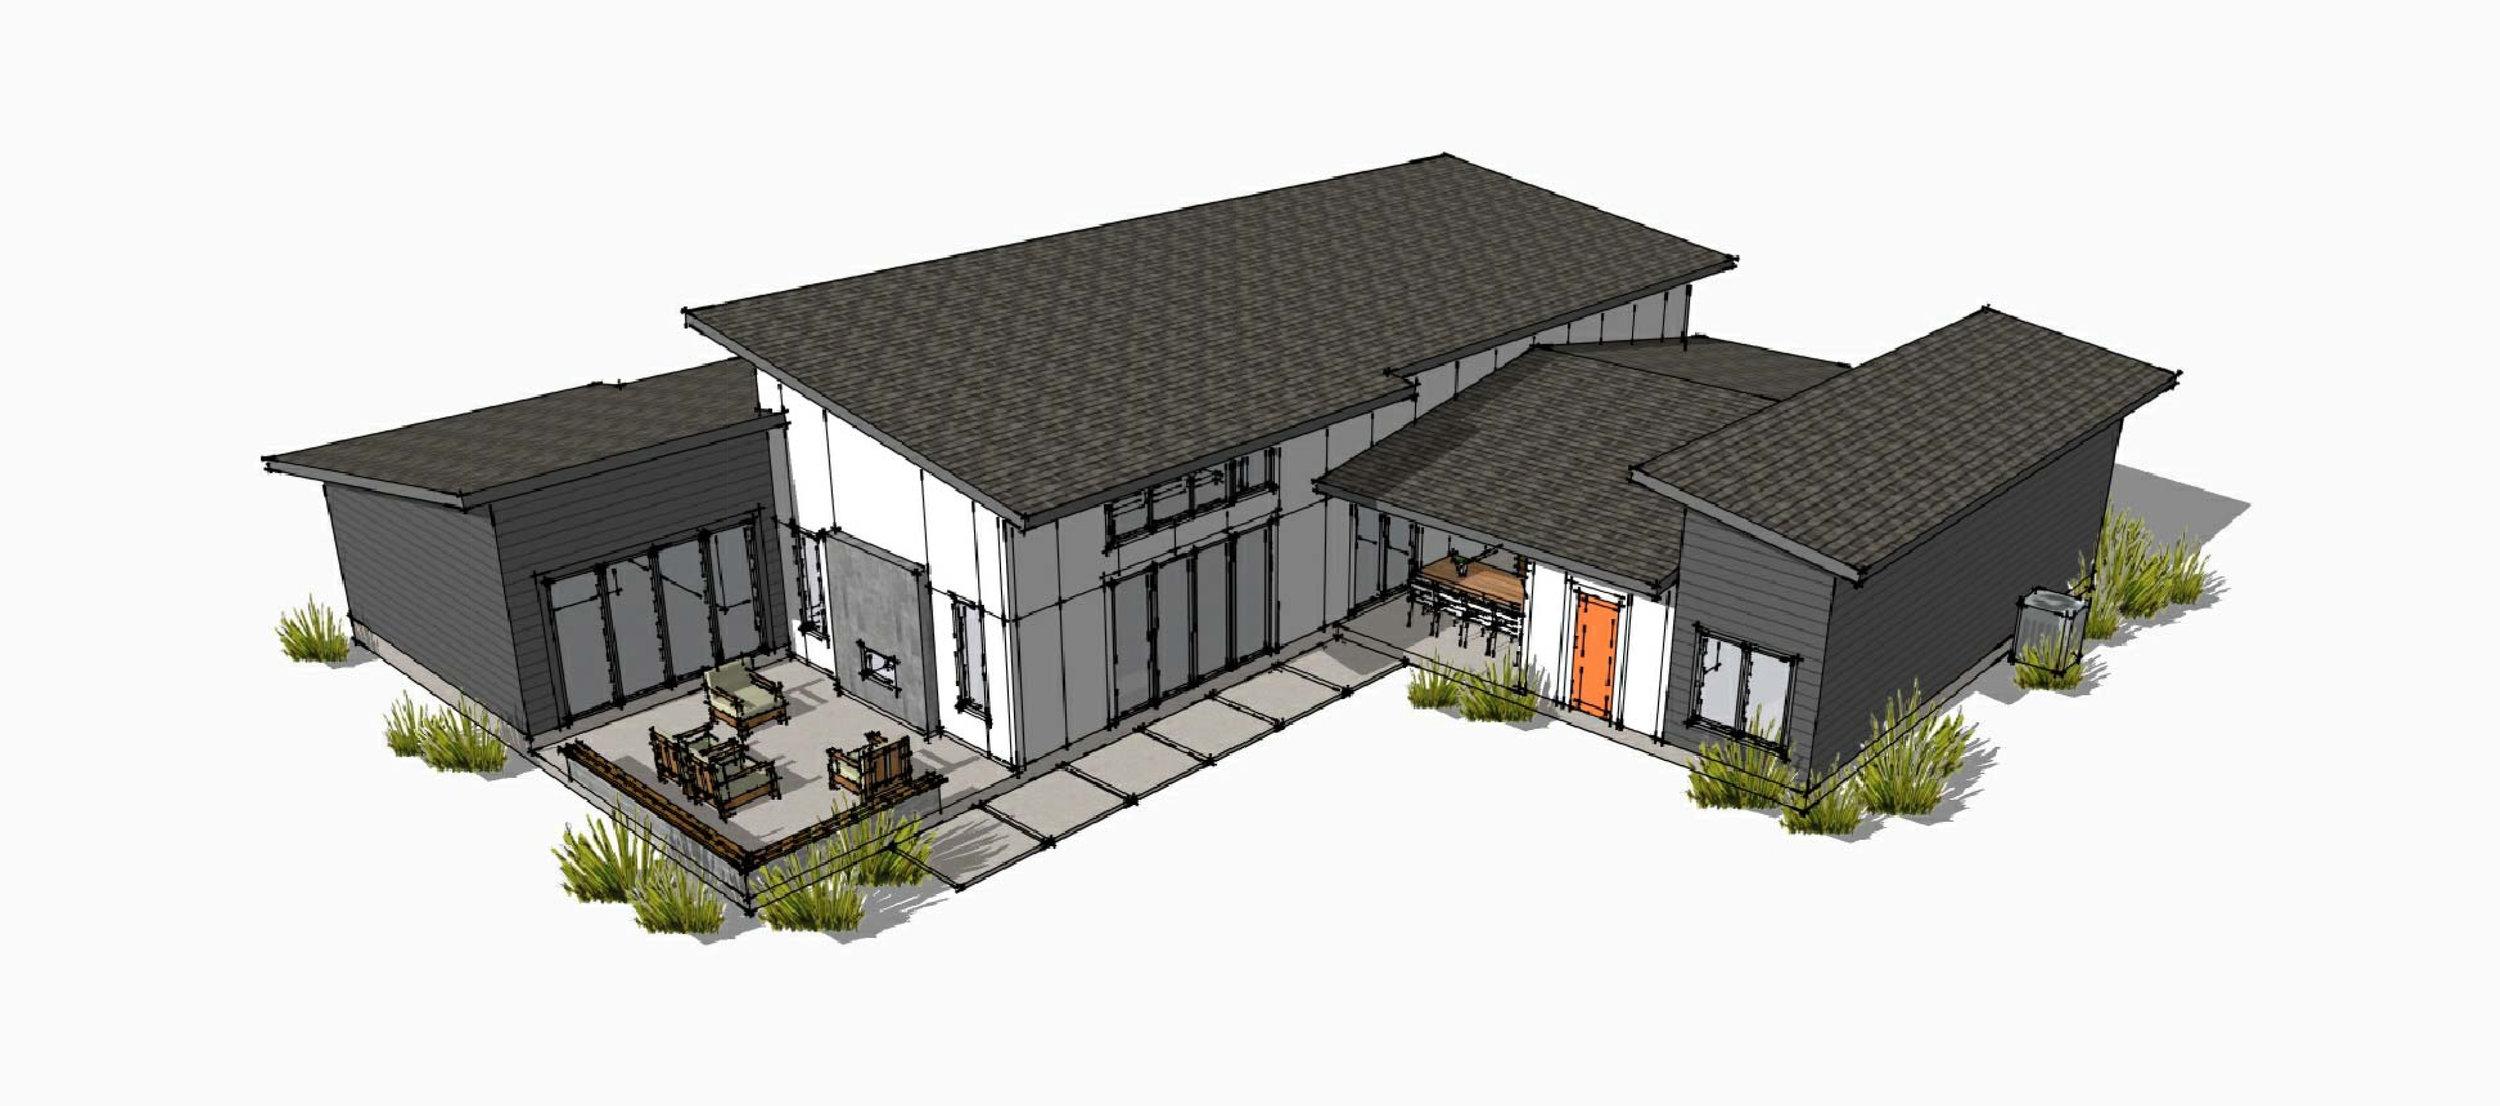 elevation_rendering_6.jpg